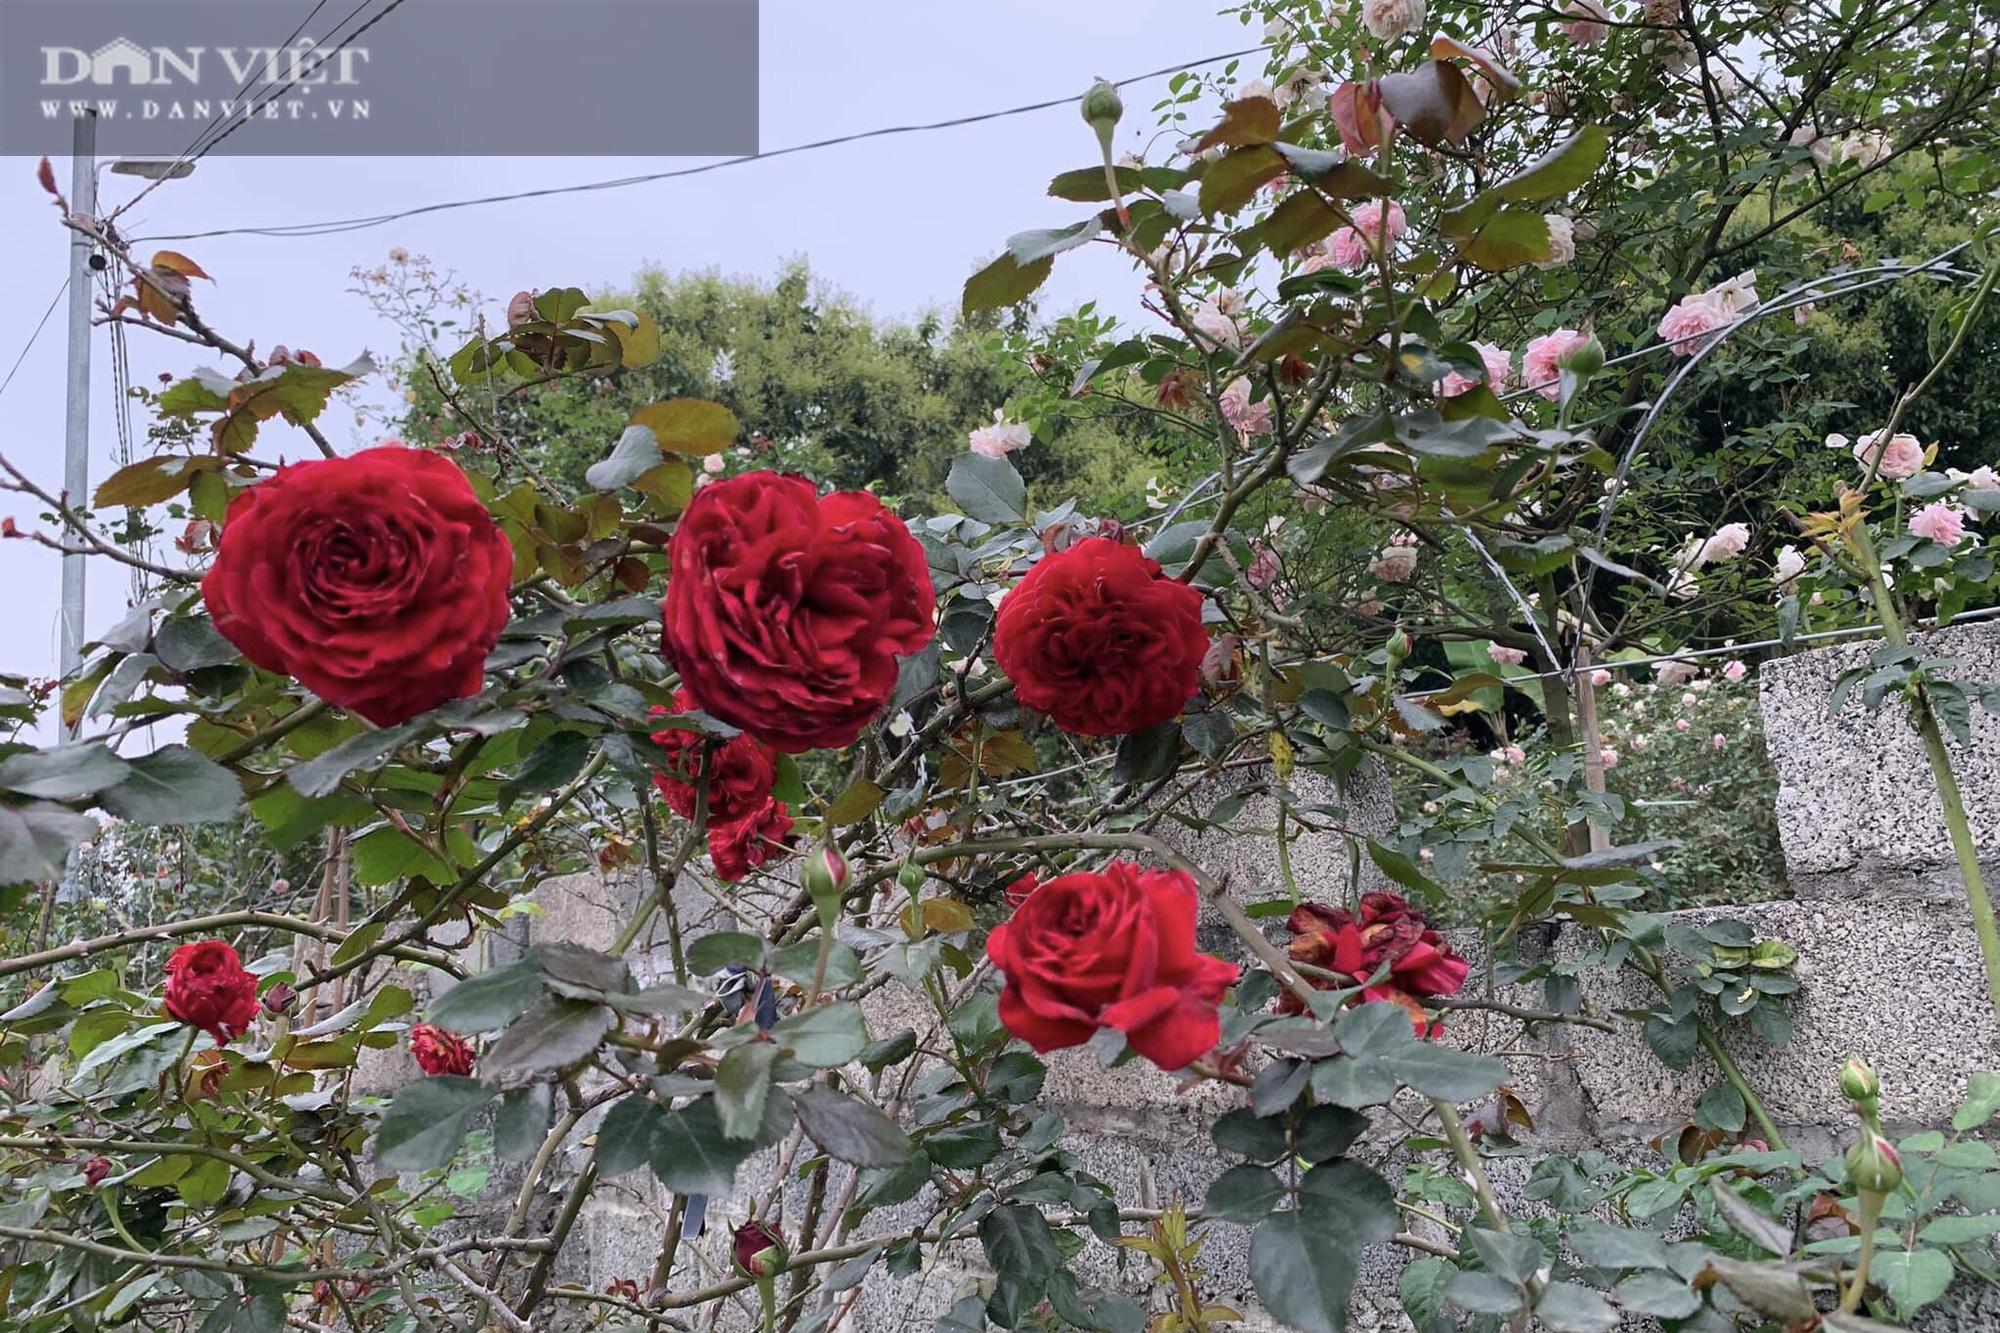 """Thái Nguyên: Trai trẻ 8X """"gác"""" bằng đại học về quê trồng thứ hoa thơm ngát cả vùng, kiếm hàng chục triệu đồng mỗi tháng - Ảnh 6."""